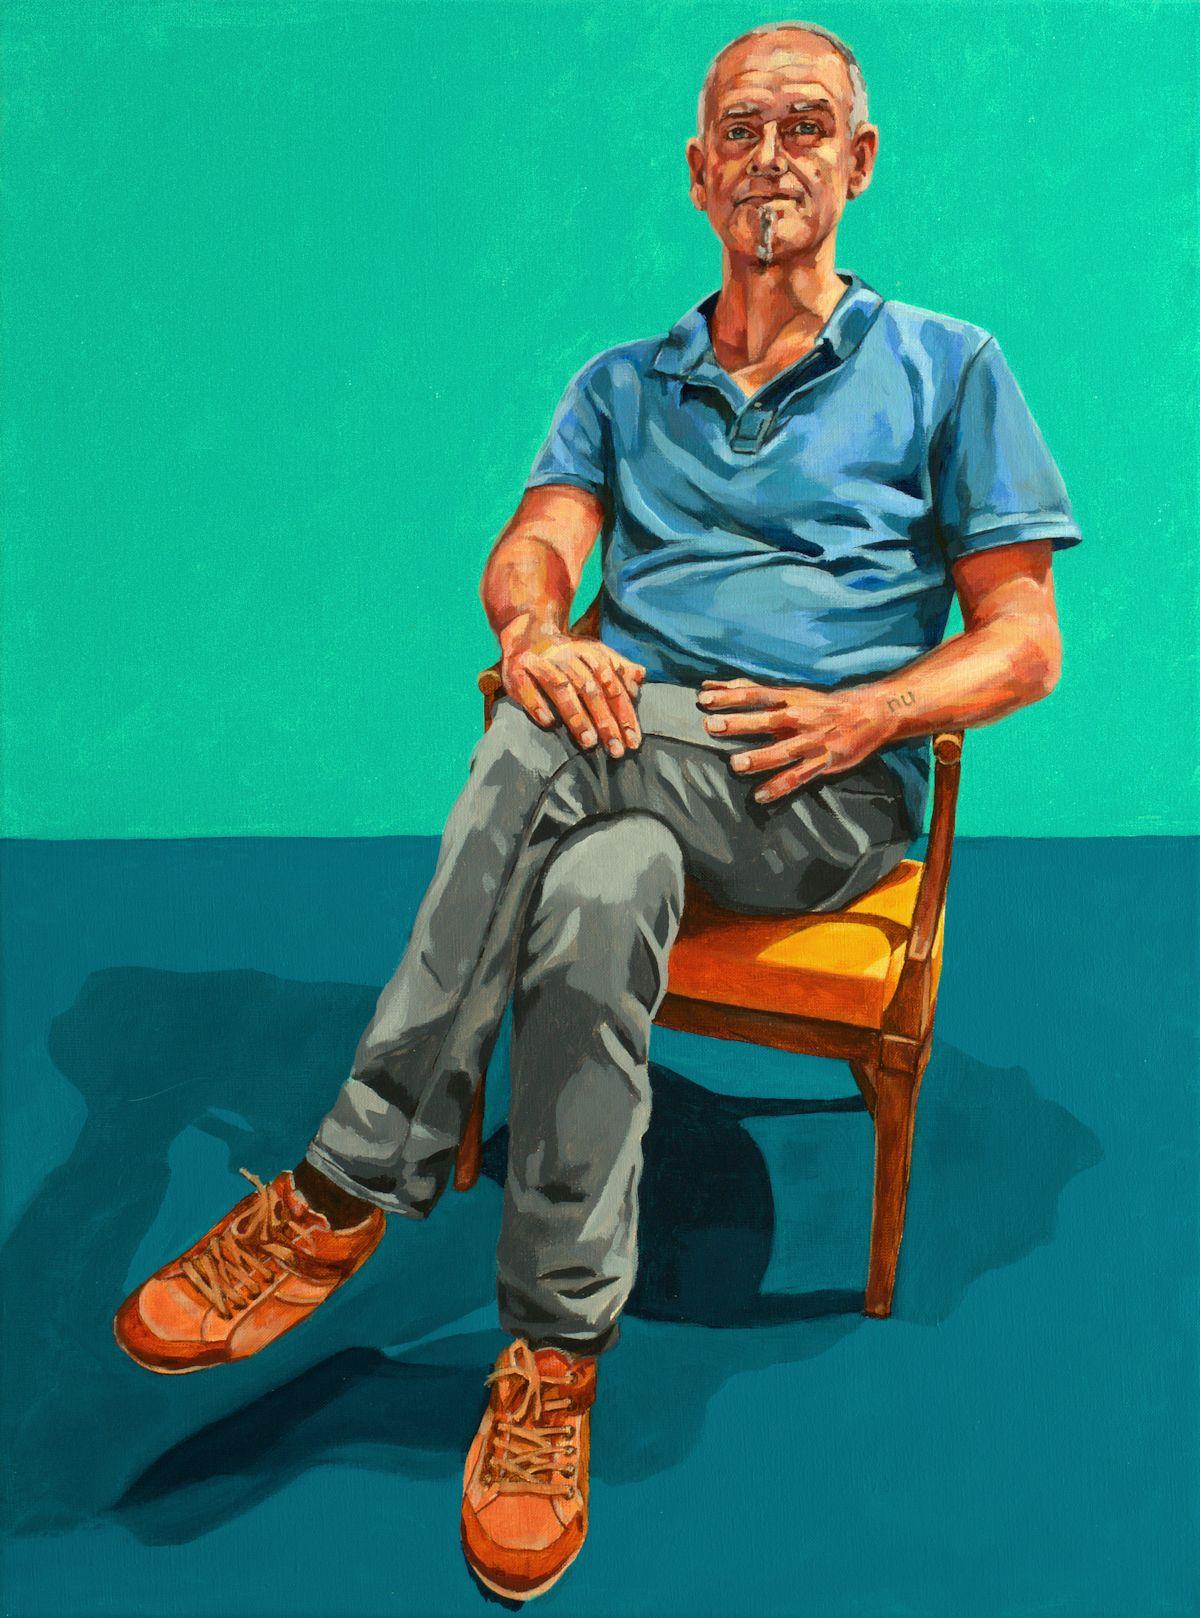 Zelfportret geëinspireerd op David Hockney